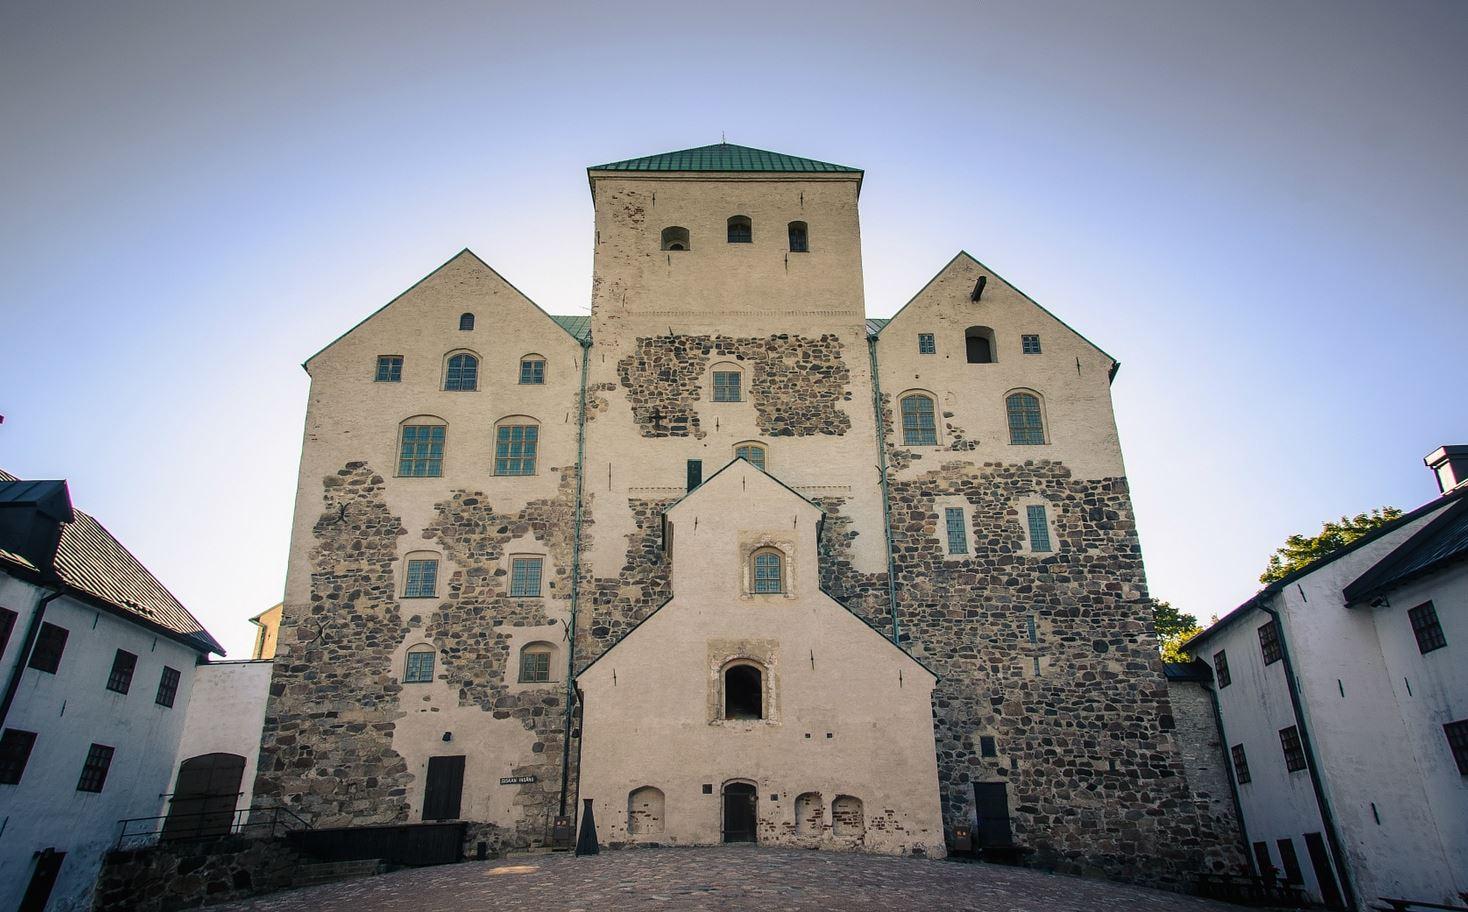 芬兰高端旅游之图尔库城堡